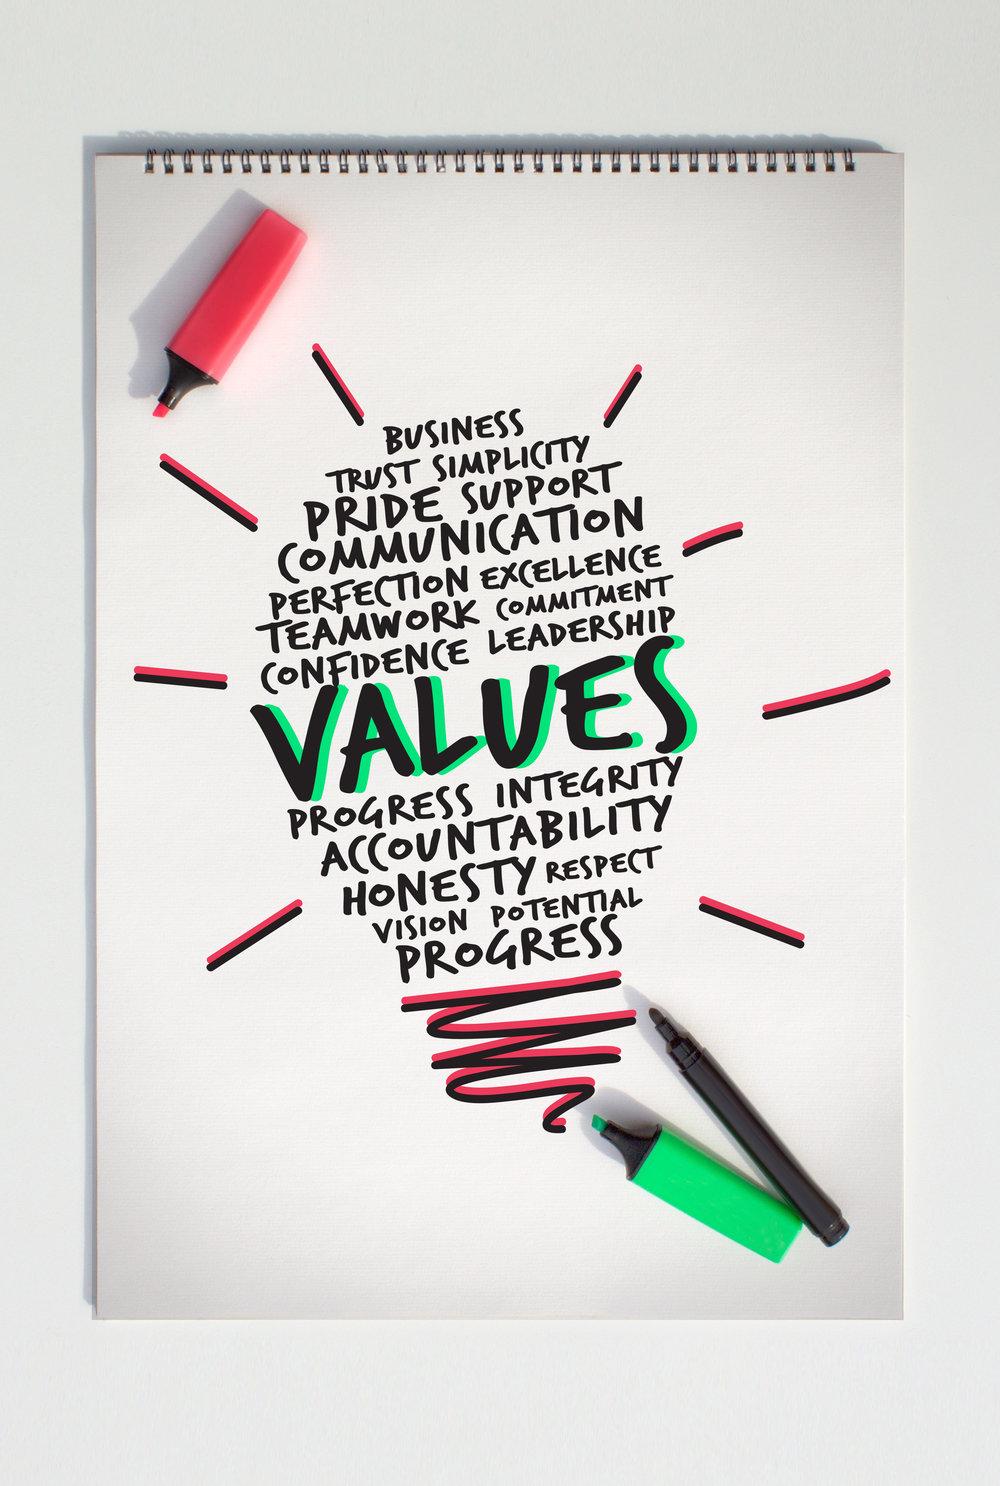 Sample values list